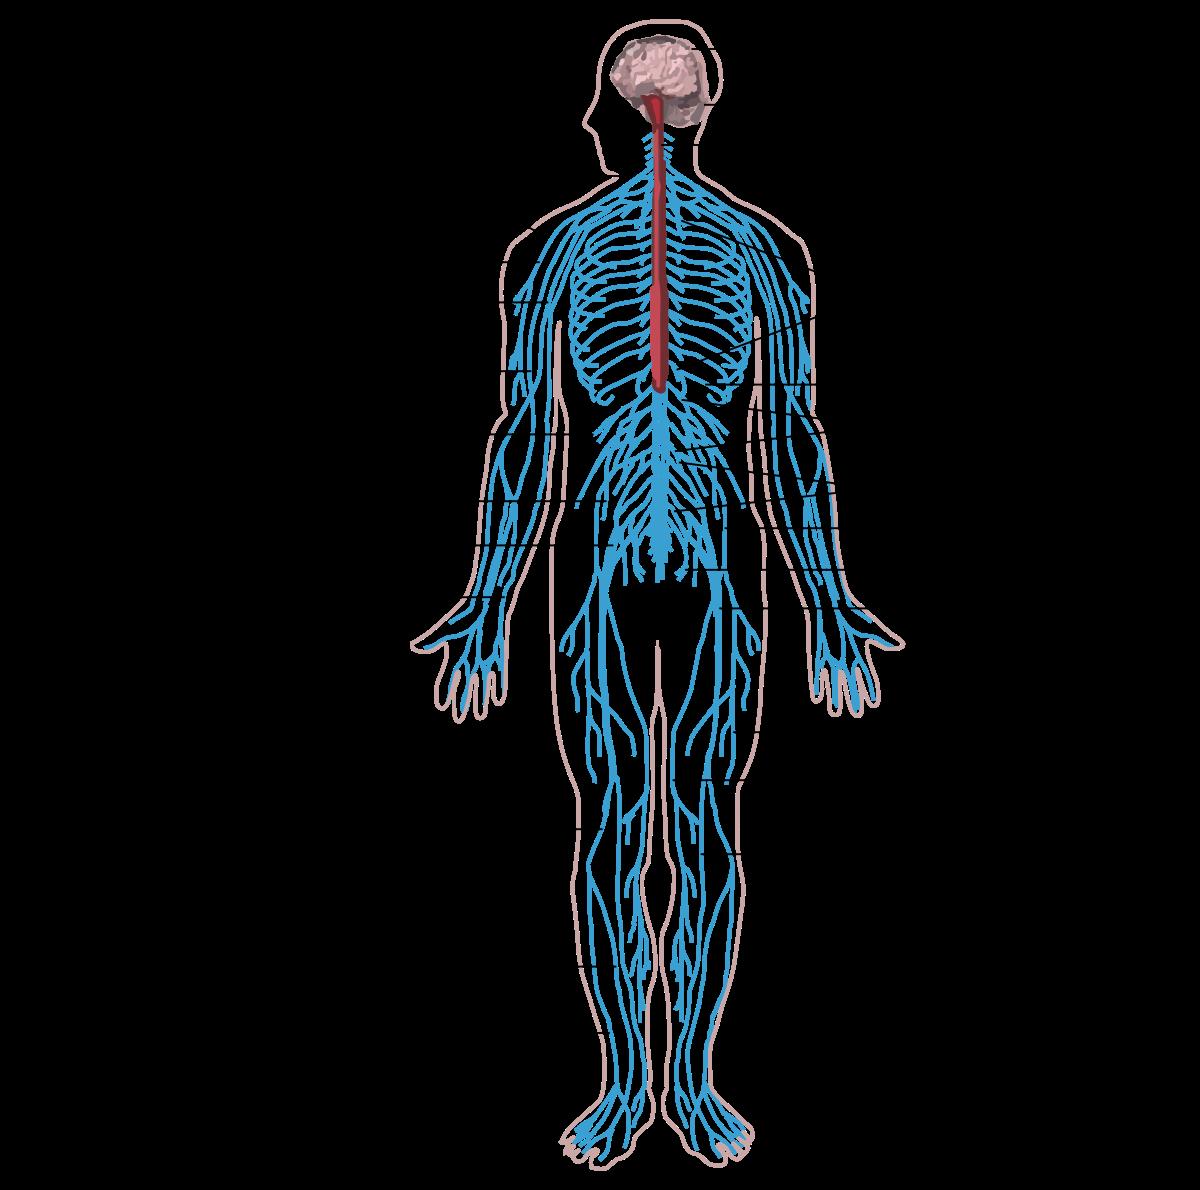 hatékony gyógyszer az emberi test piruláinak parazitáihoz